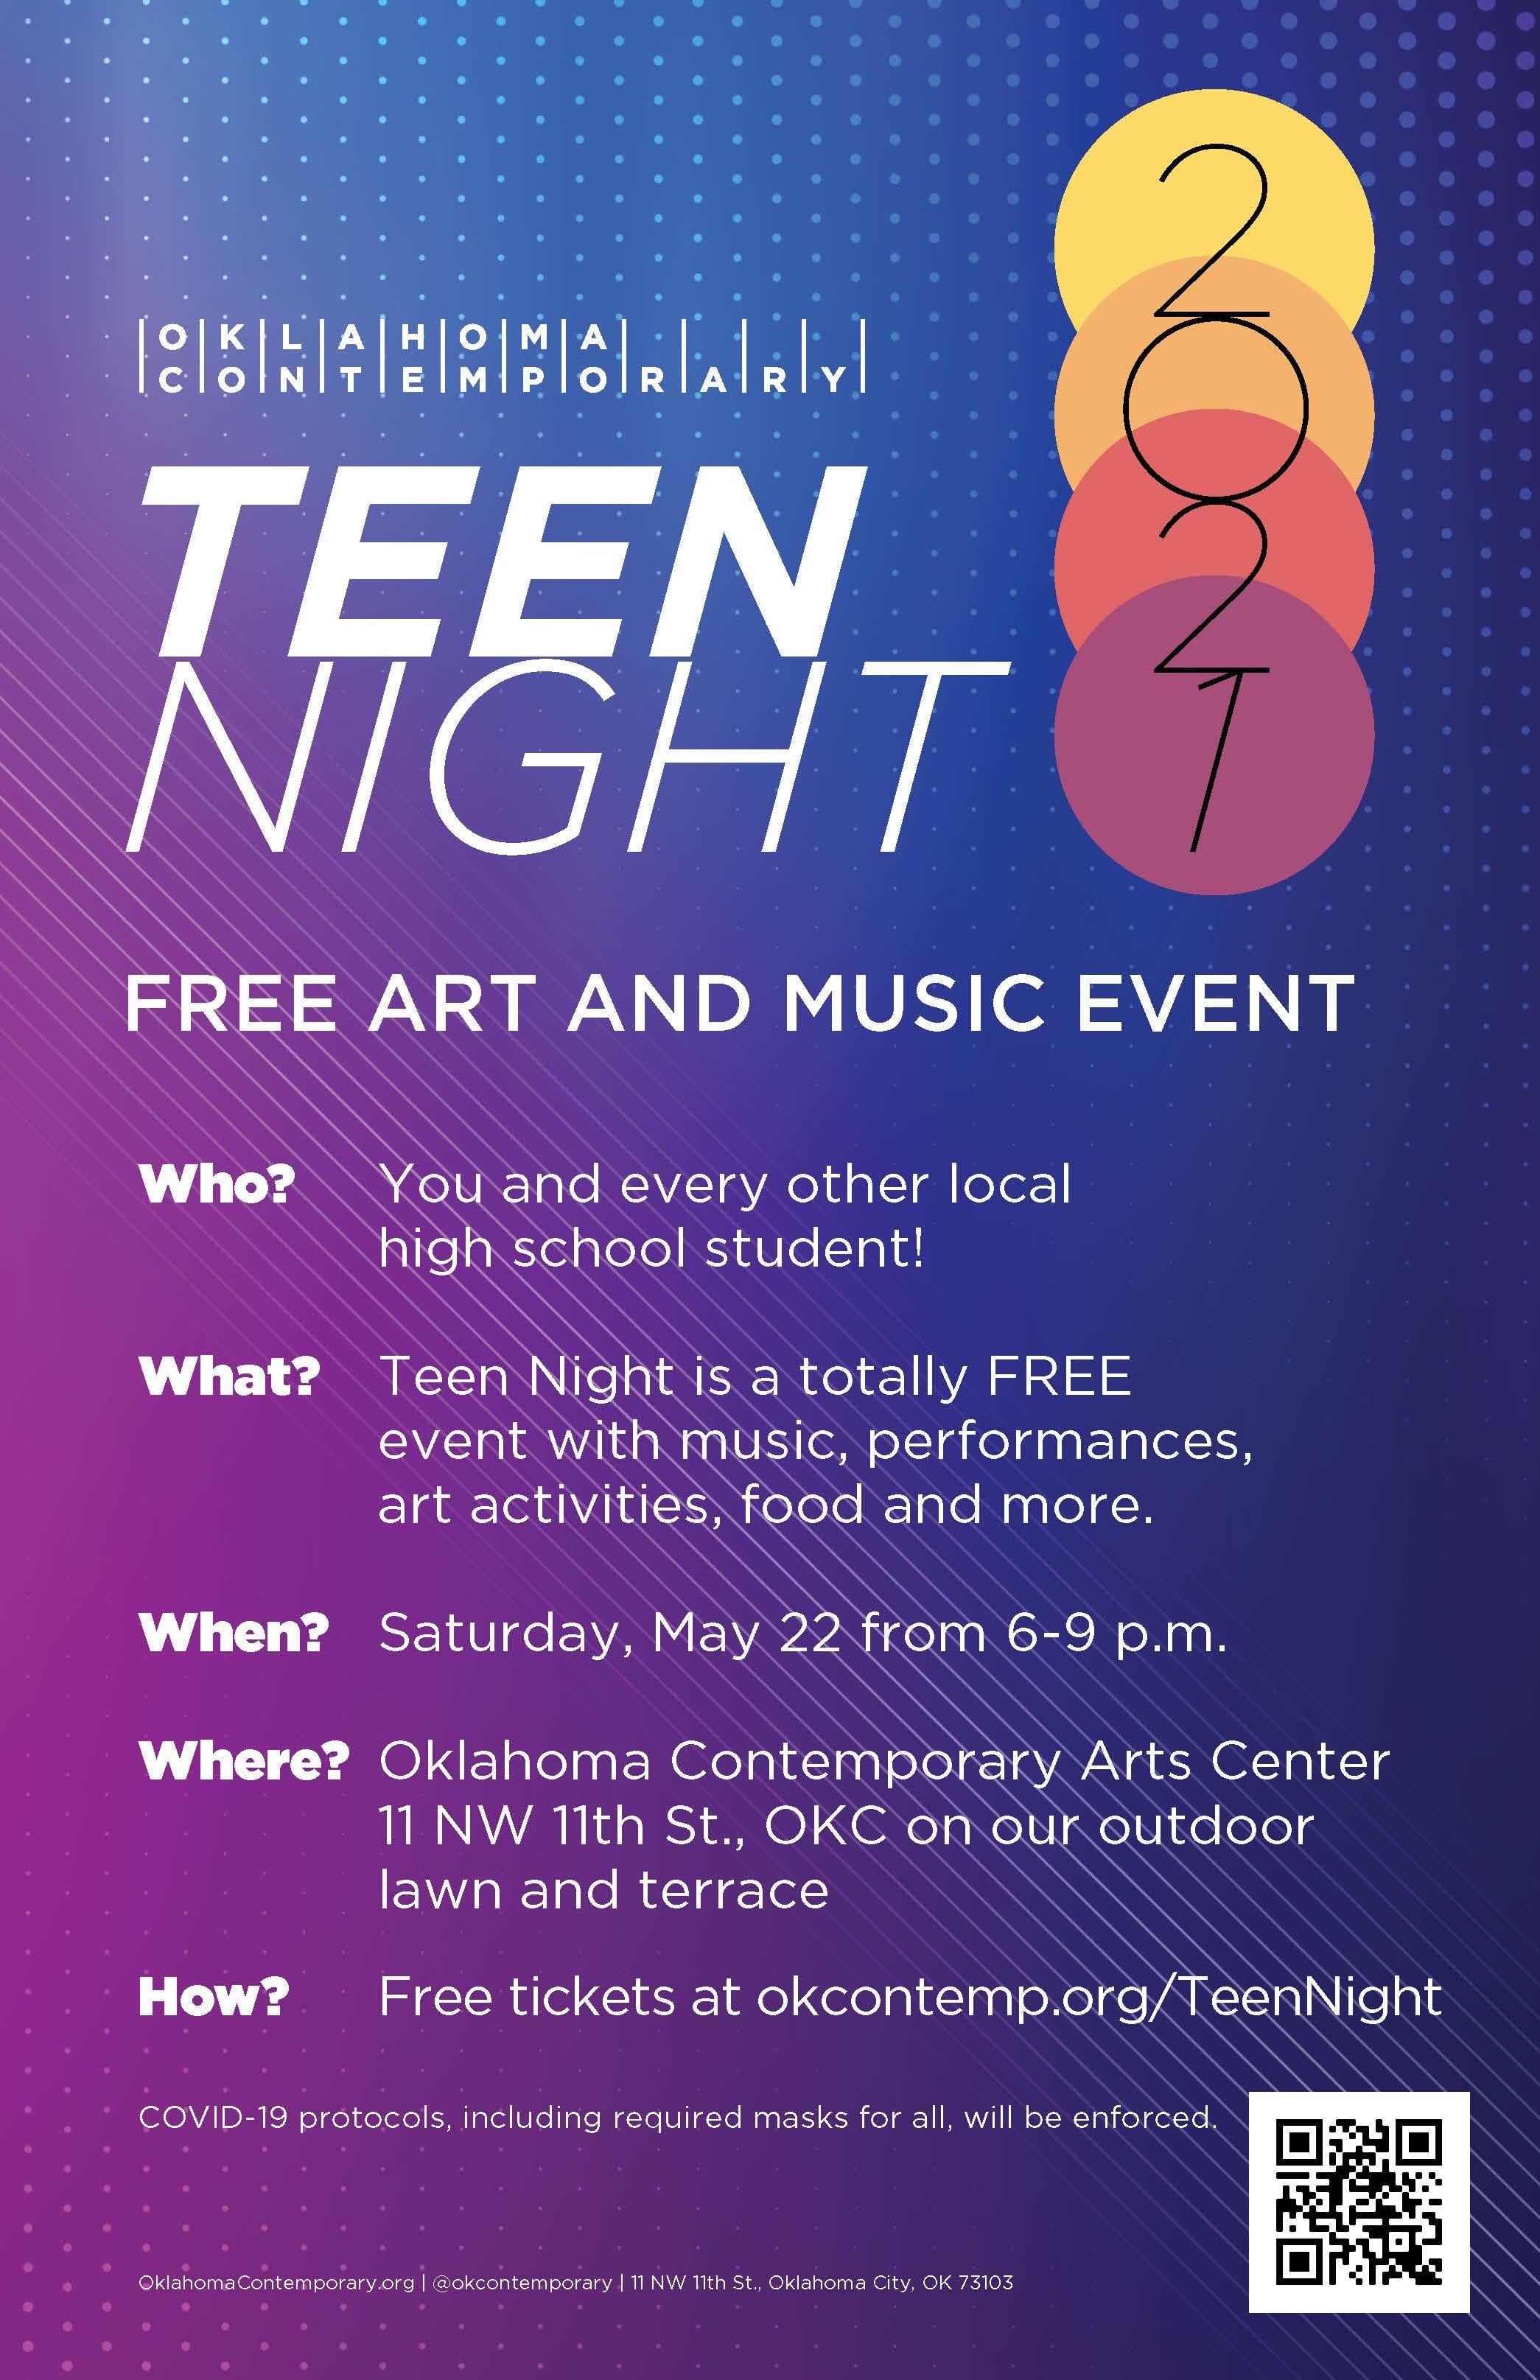 TAC Teen Night 11x17 poster 2021